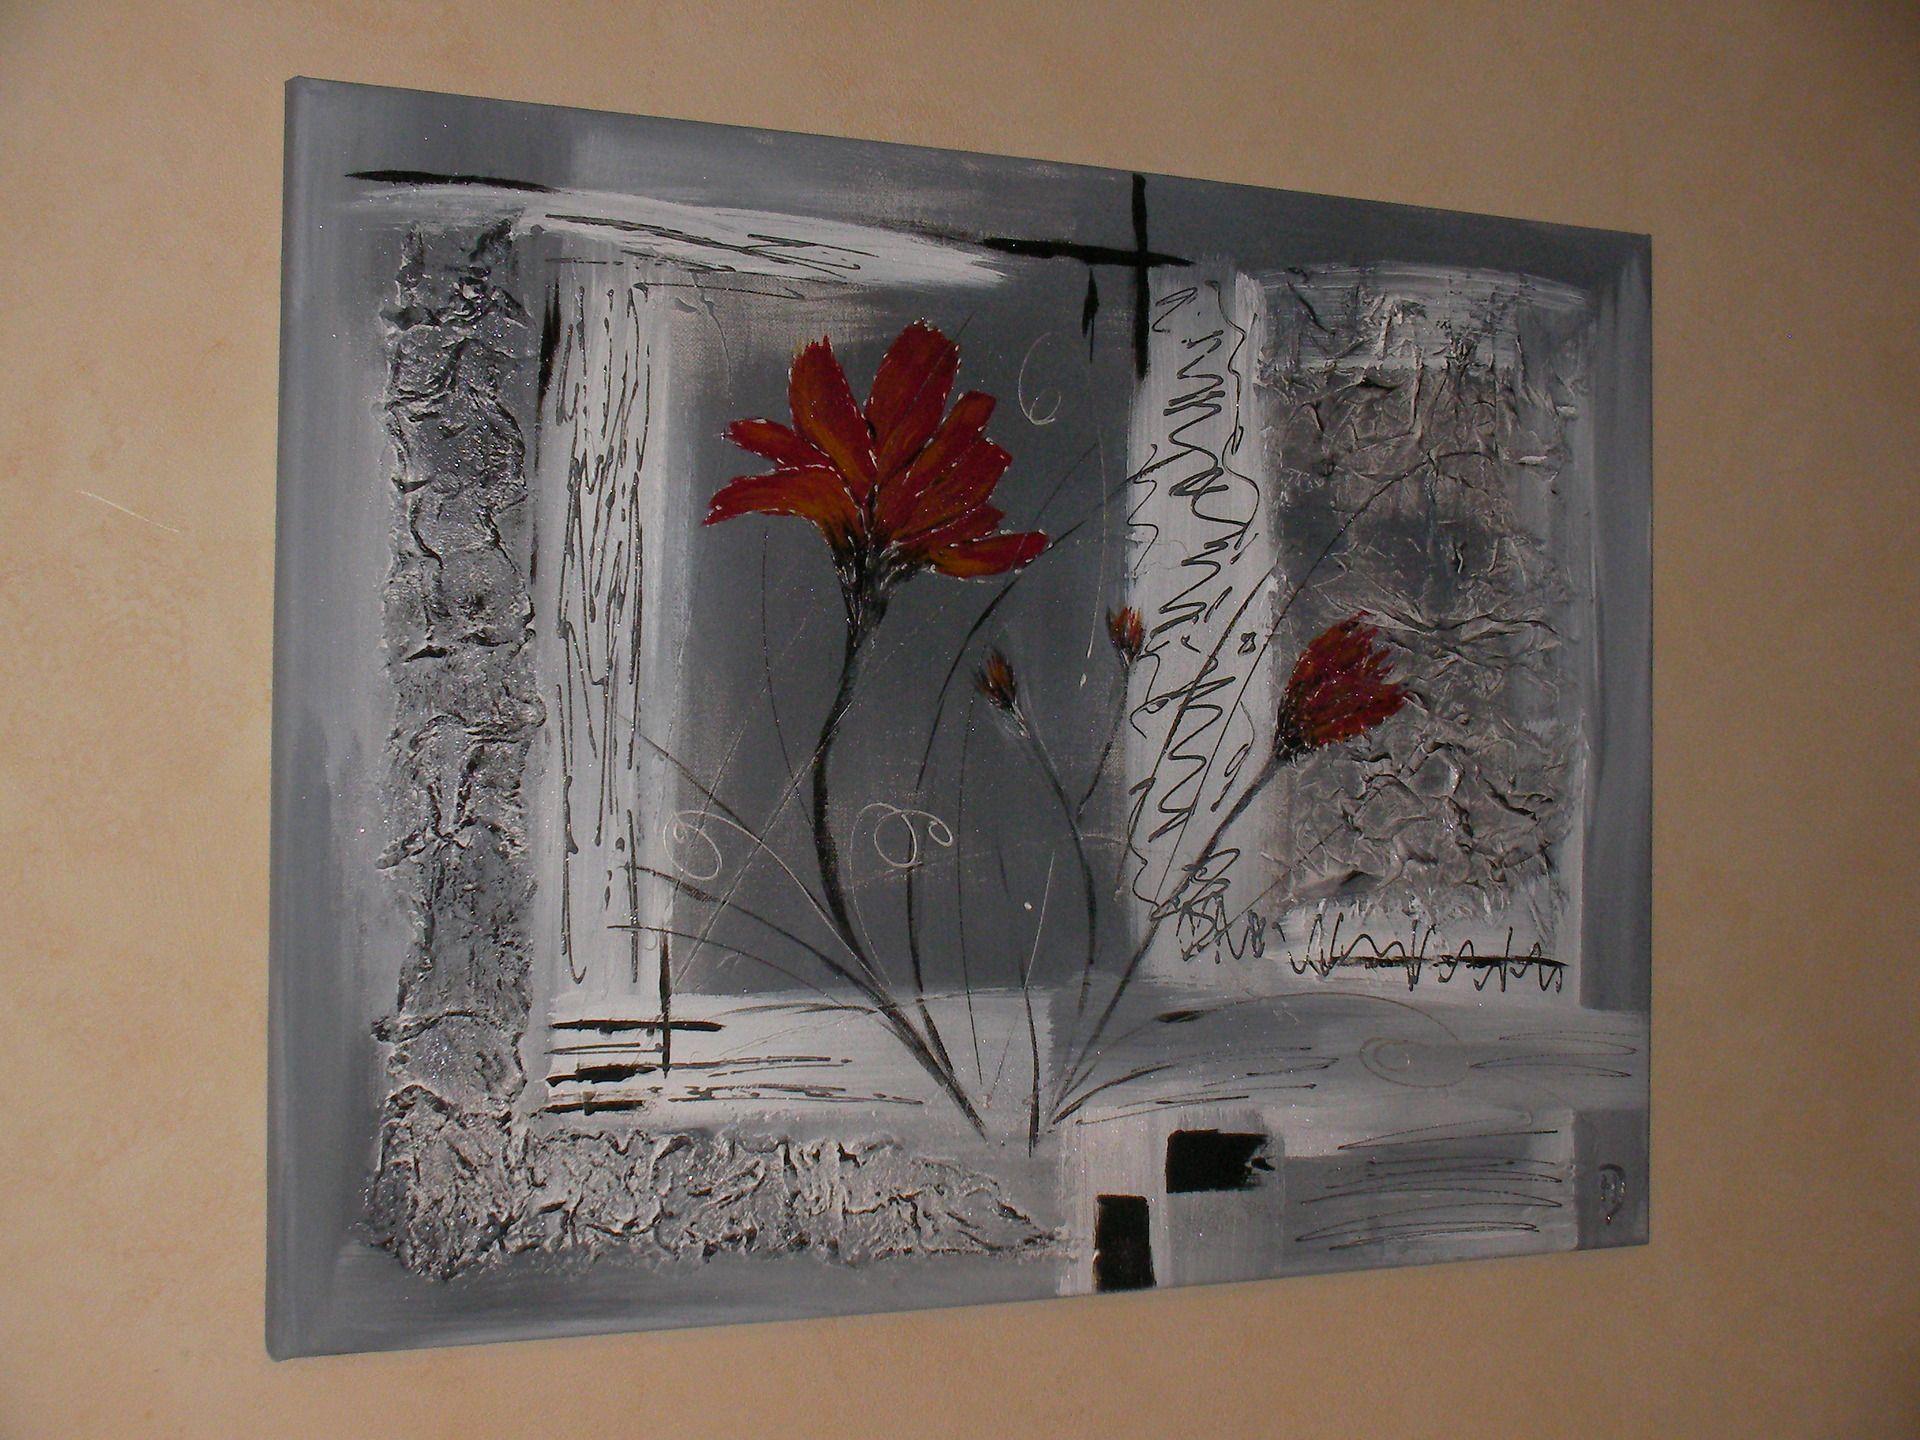 R sultats de recherche d 39 images pour peinture abstraite - Modele de peinture acrylique sur toile pour debutant ...